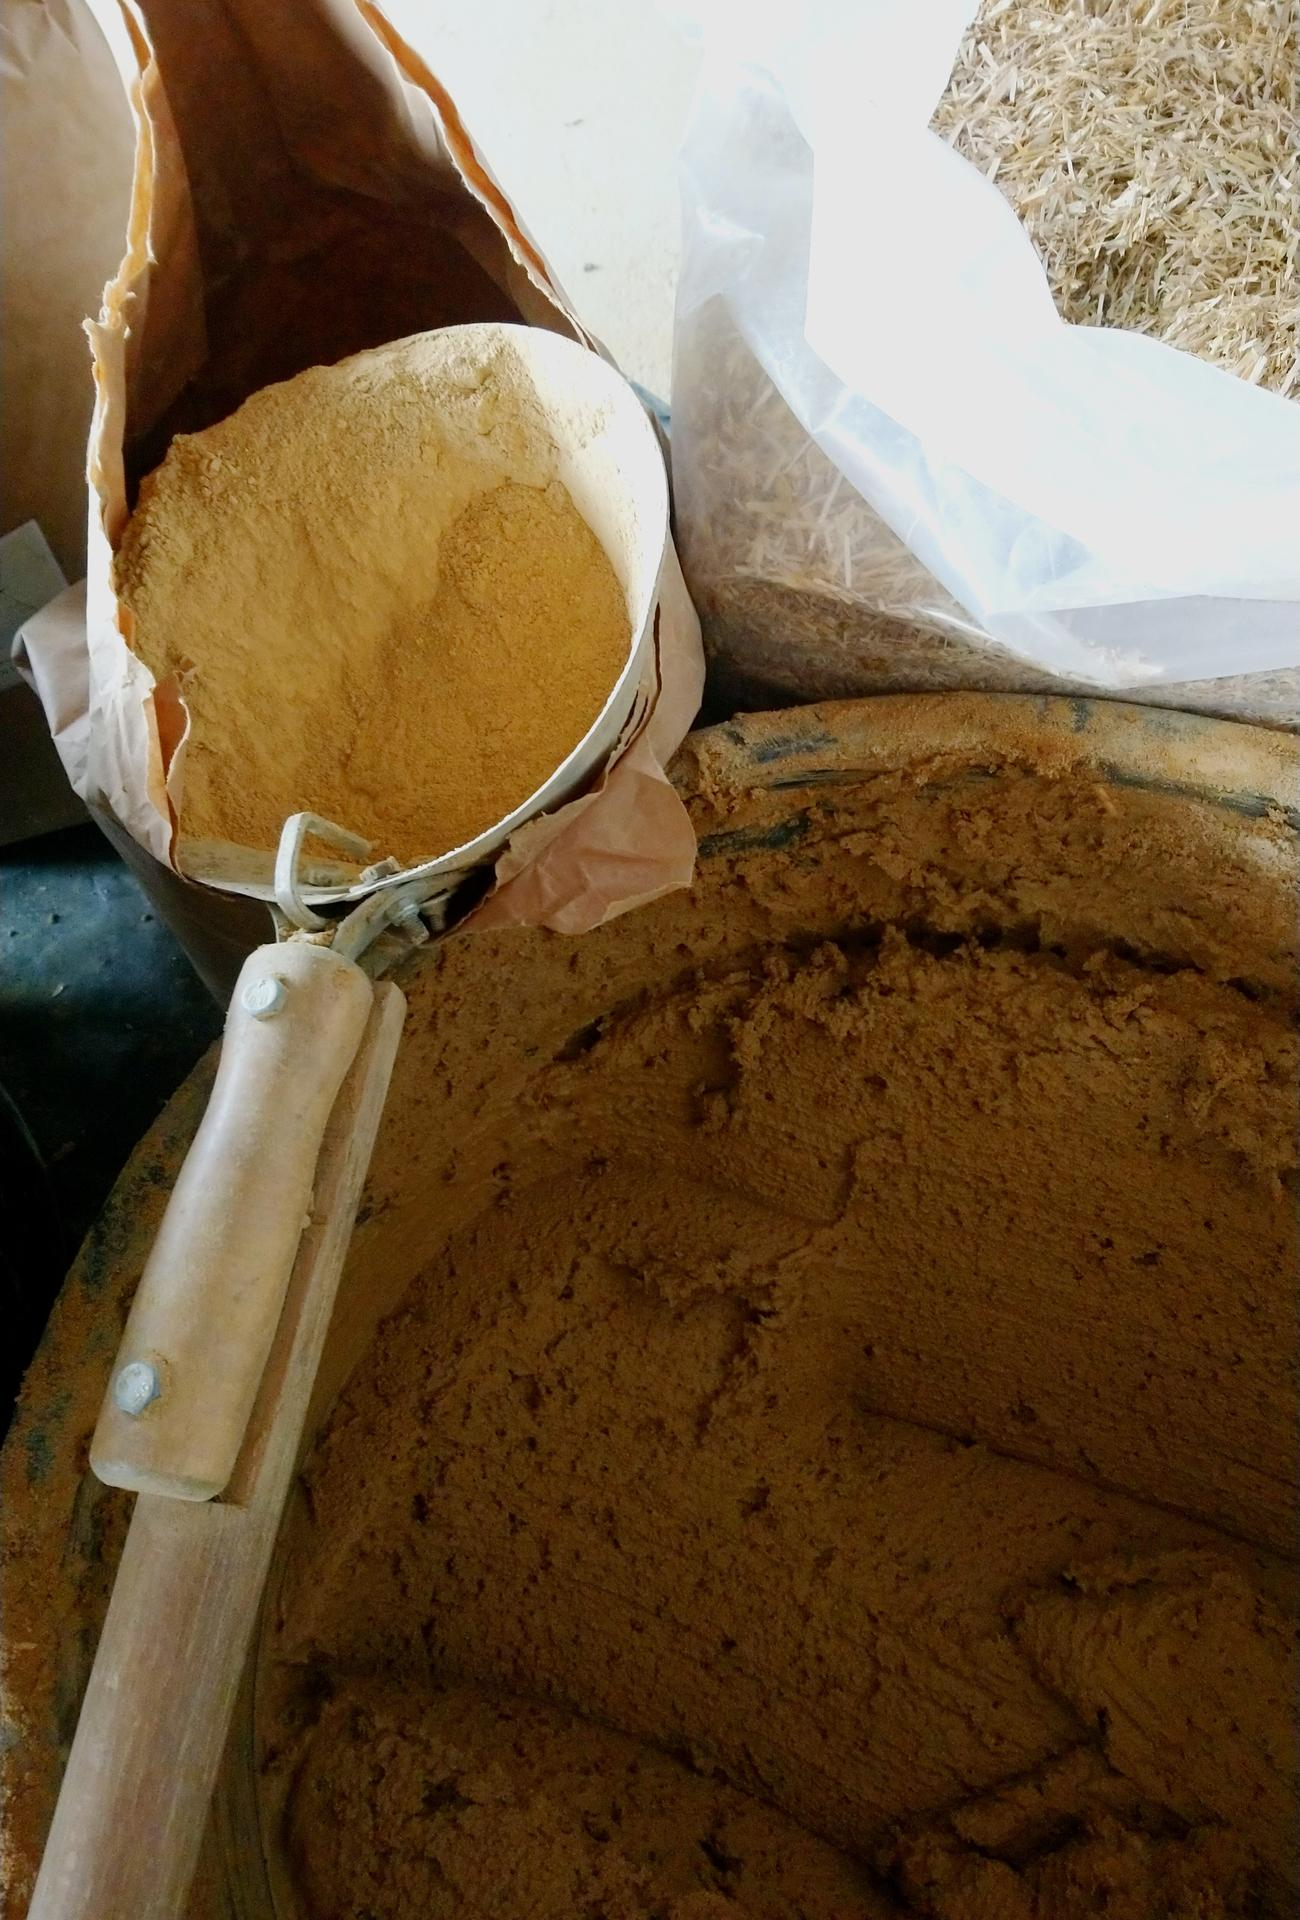 Hlinené omietky - Kúpený drvený íl miešaný s pieskom je moja obľúbená zmes. Ekonomické aj ekologické riešenie, menej práce ako s vlastnou hlinou a lepšia cena ako doprava a kúpa hotovej zmesy. Každopádne treba si vždy  spravit test pomeru